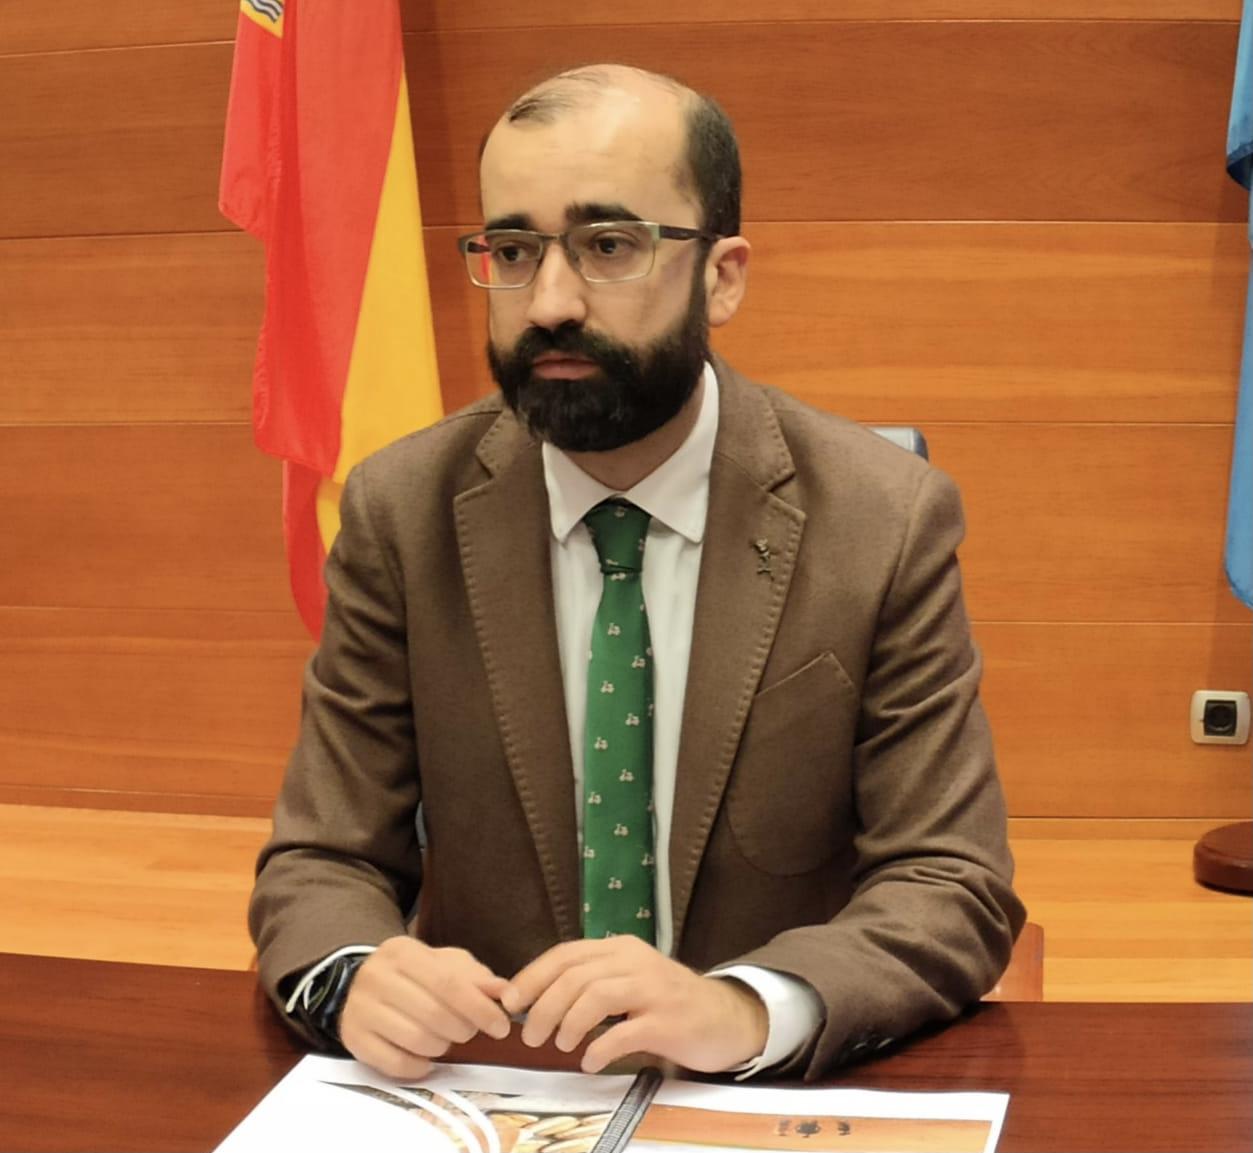 El alcalde cangués defiende la ampliación de Leitariegos frente a los ecologistas